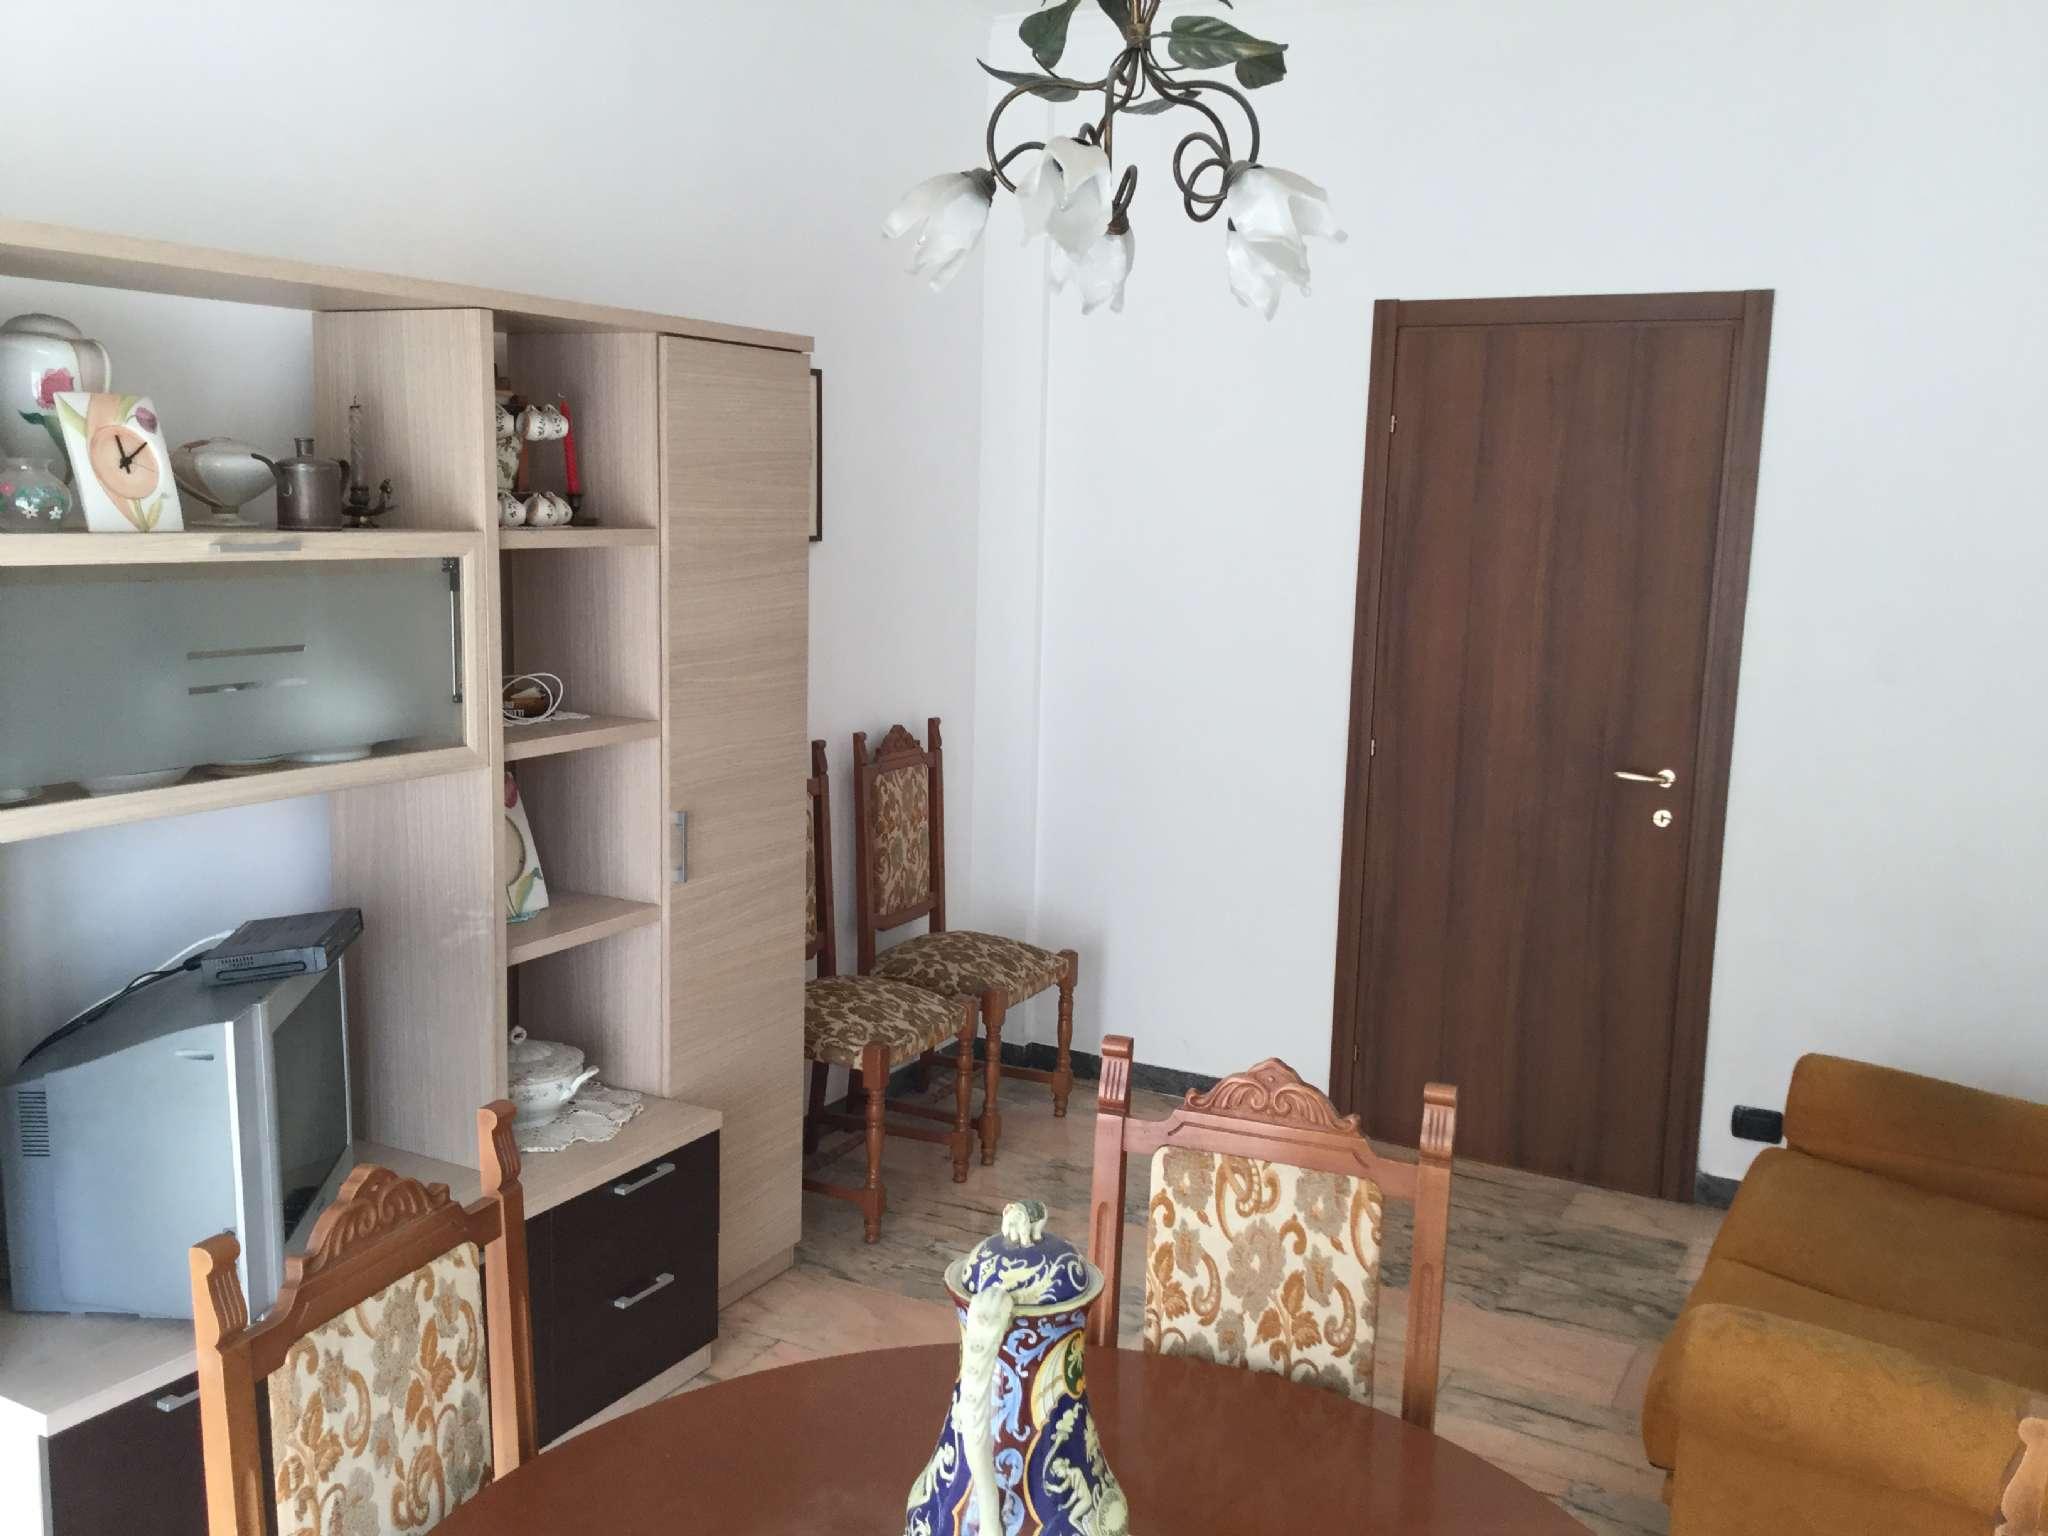 Appartamento in vendita a Chiavari, 6 locali, prezzo € 240.000 | CambioCasa.it